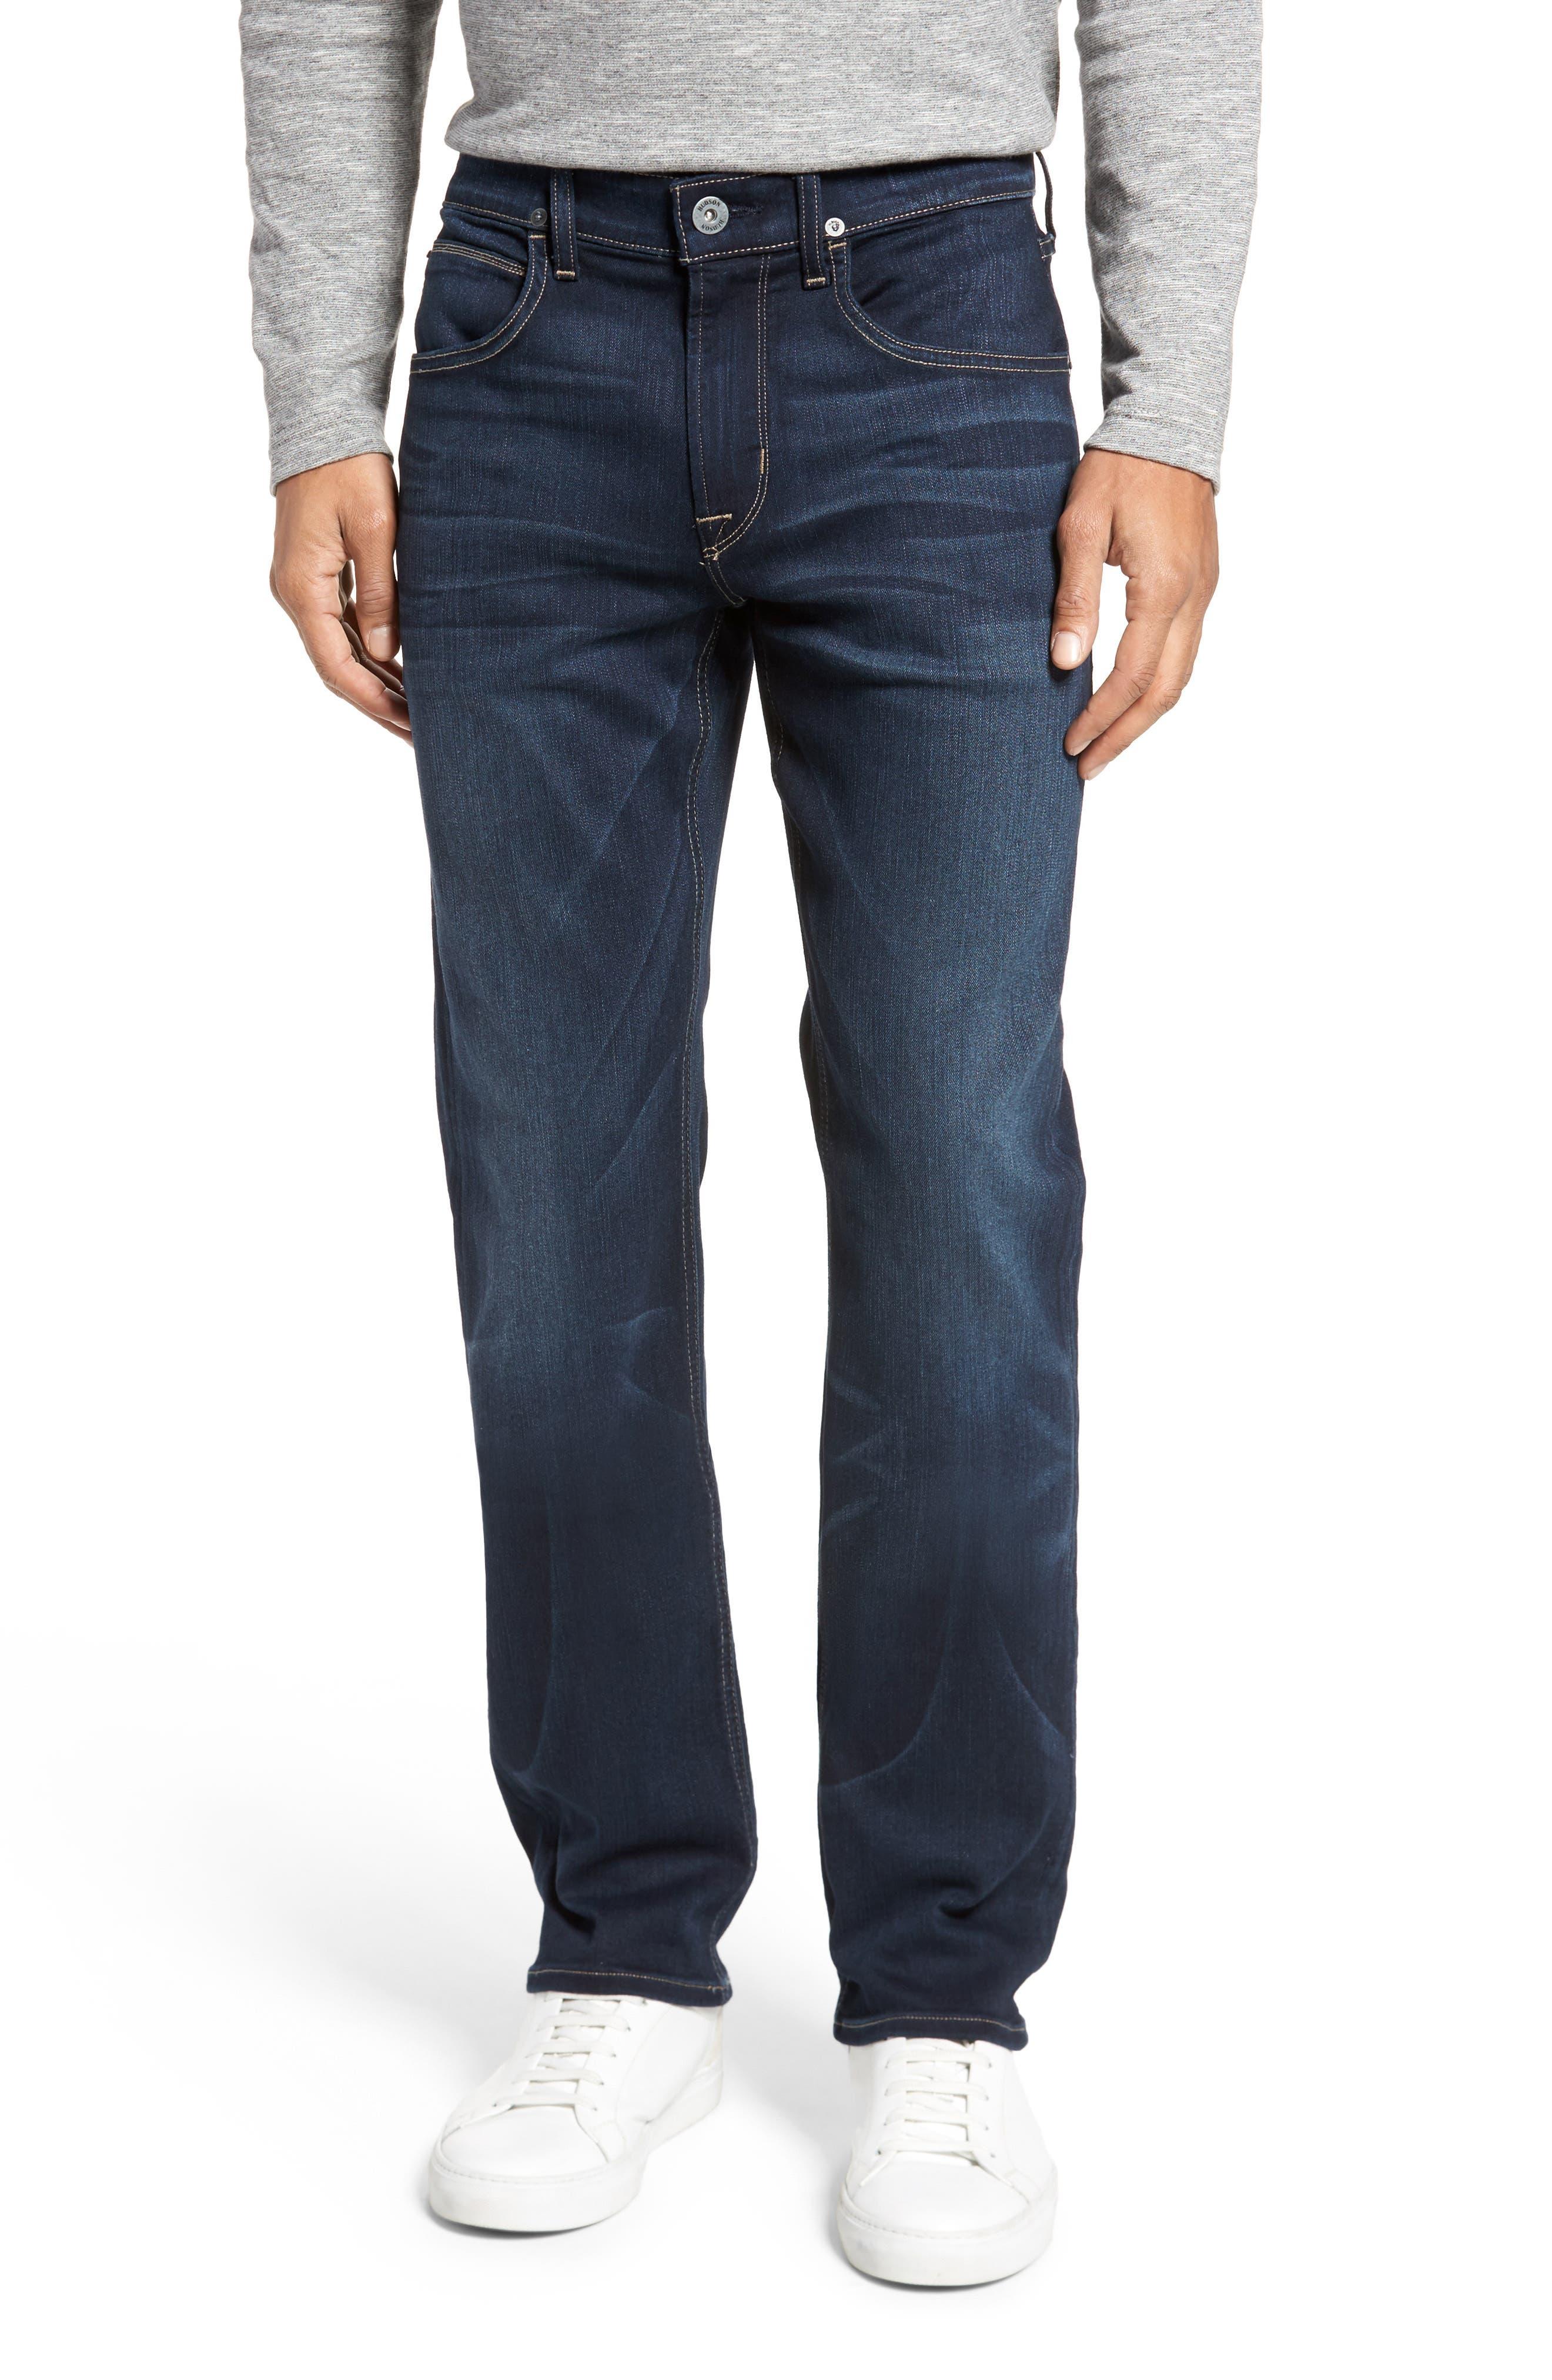 Byron Slim Straight Fit Jeans,                         Main,                         color, Newburyport